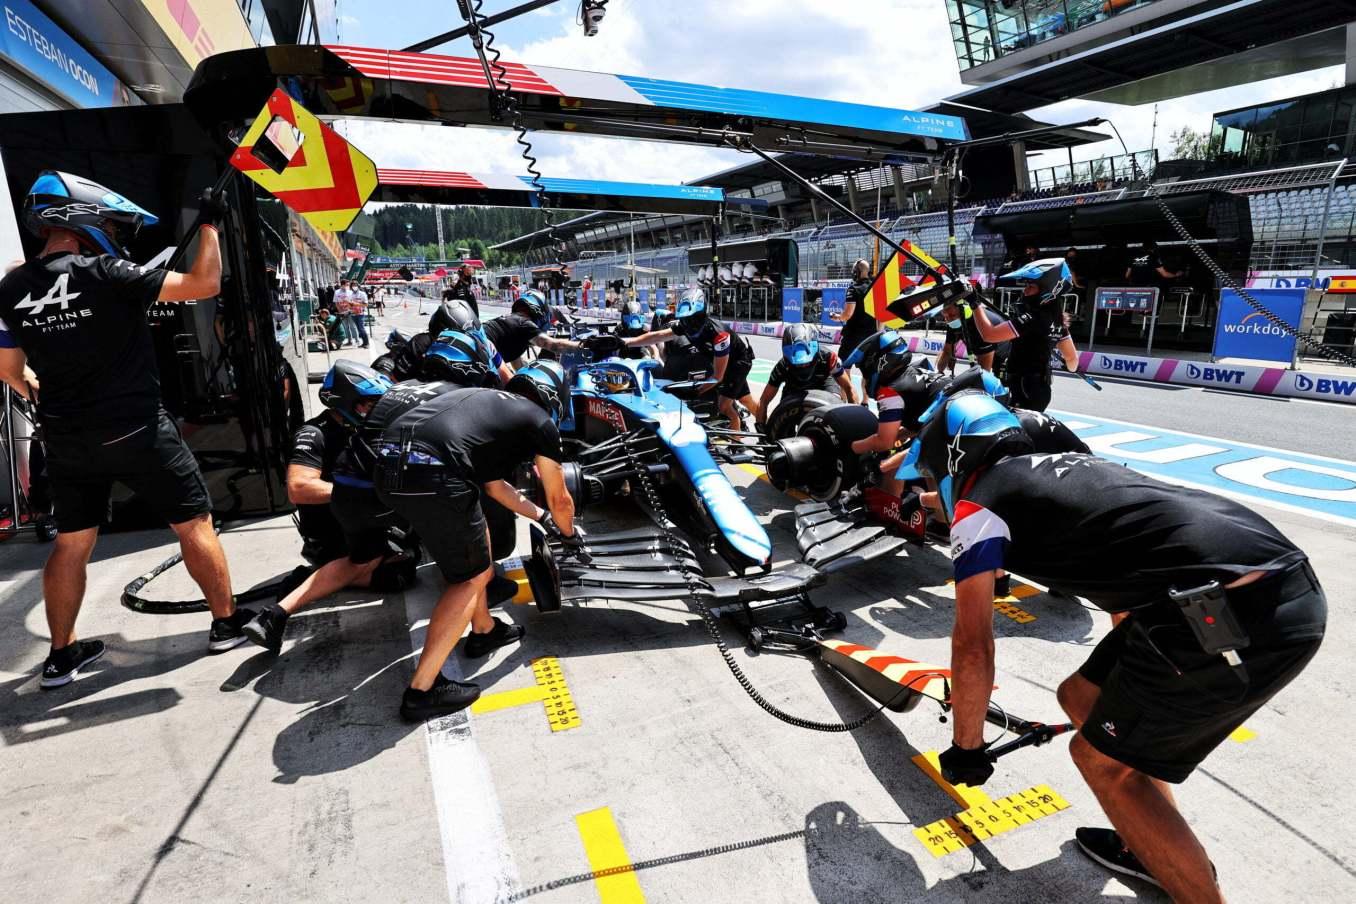 Alpine F1 Team Alonso Ocon Autriche Steiermark Grand Prix Spielberg A521 2021 23 scaled | Alpine F1 : Alonso réitère la Q3 et Ocon trébuche en Q1 à Spielberg